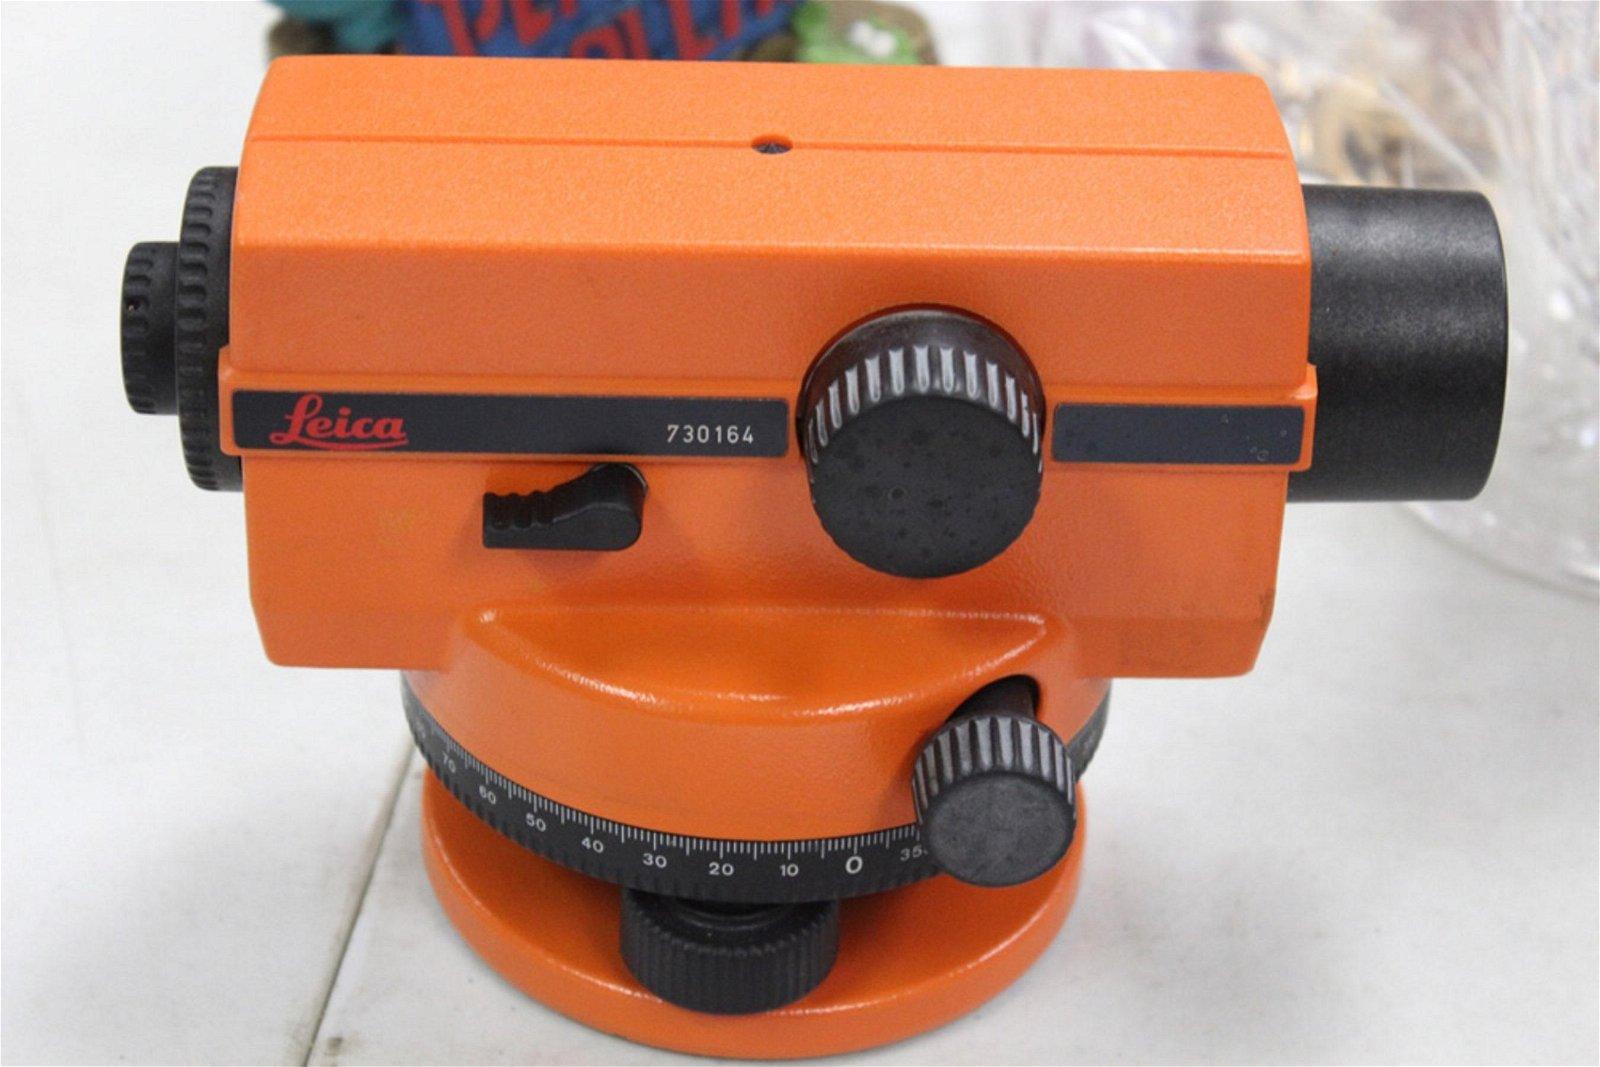 A Leica Surveyor - Model NA24